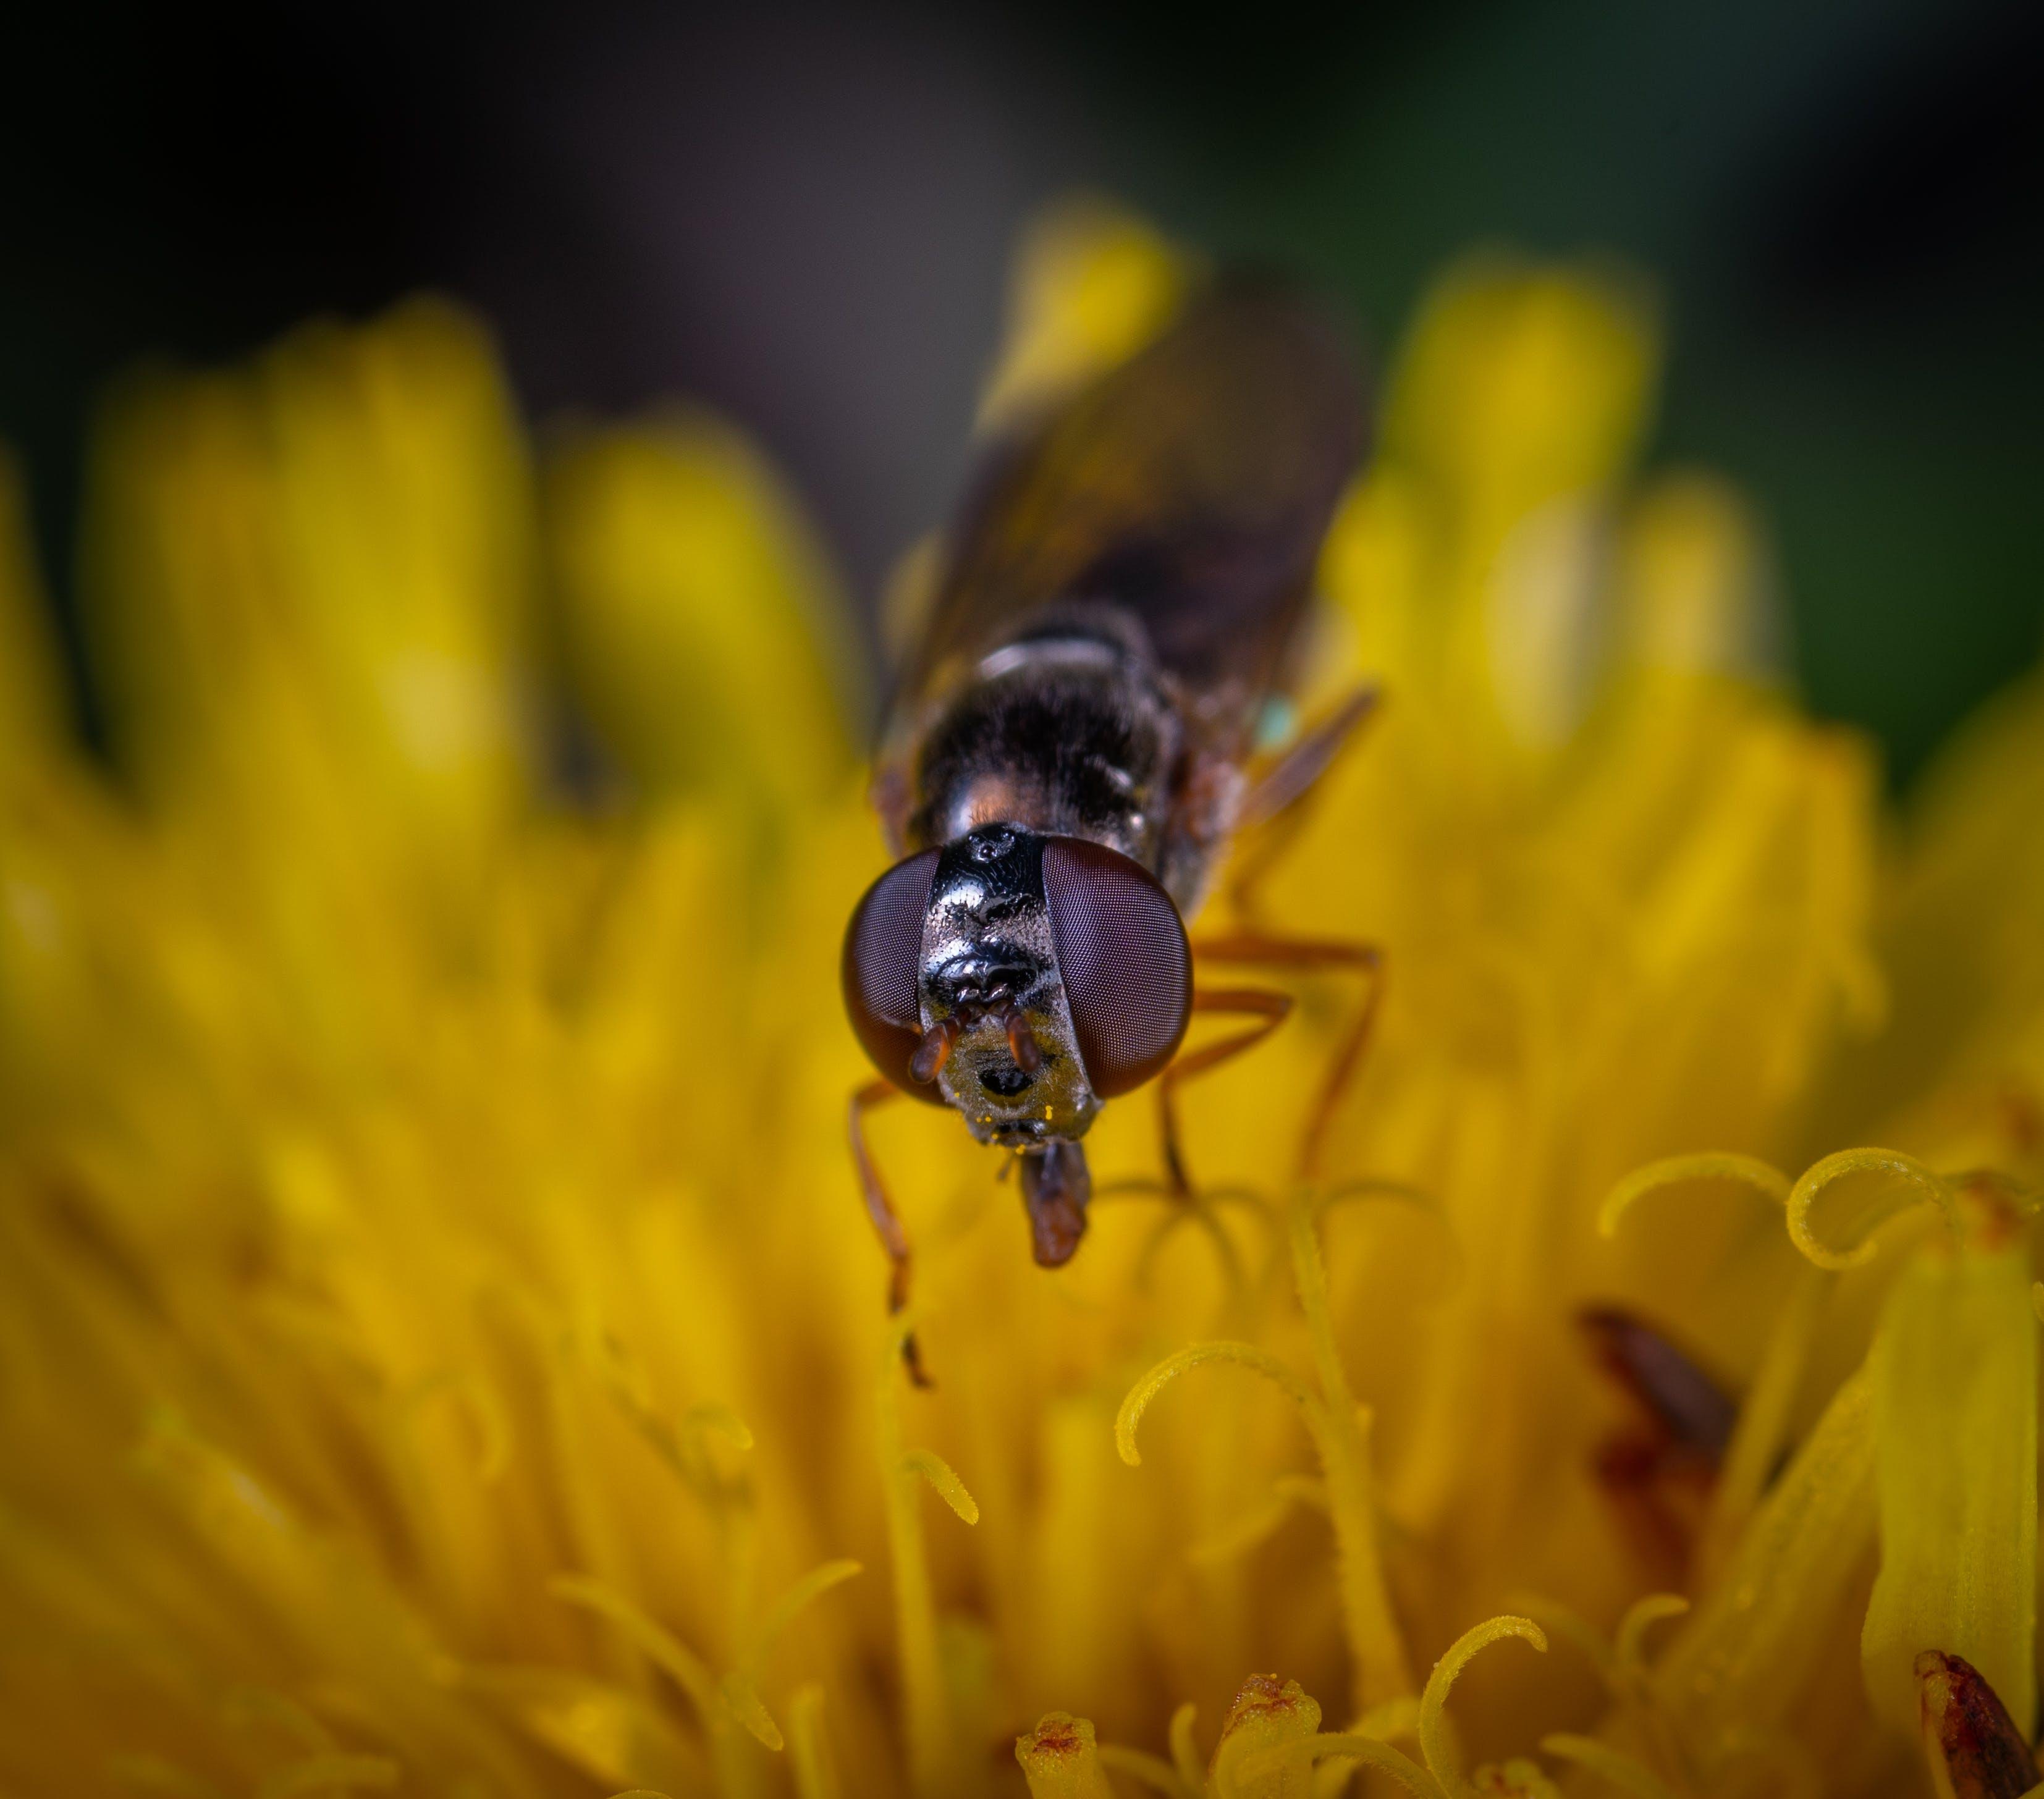 Gratis lagerfoto af bestøvning, bi, blomst, close-up